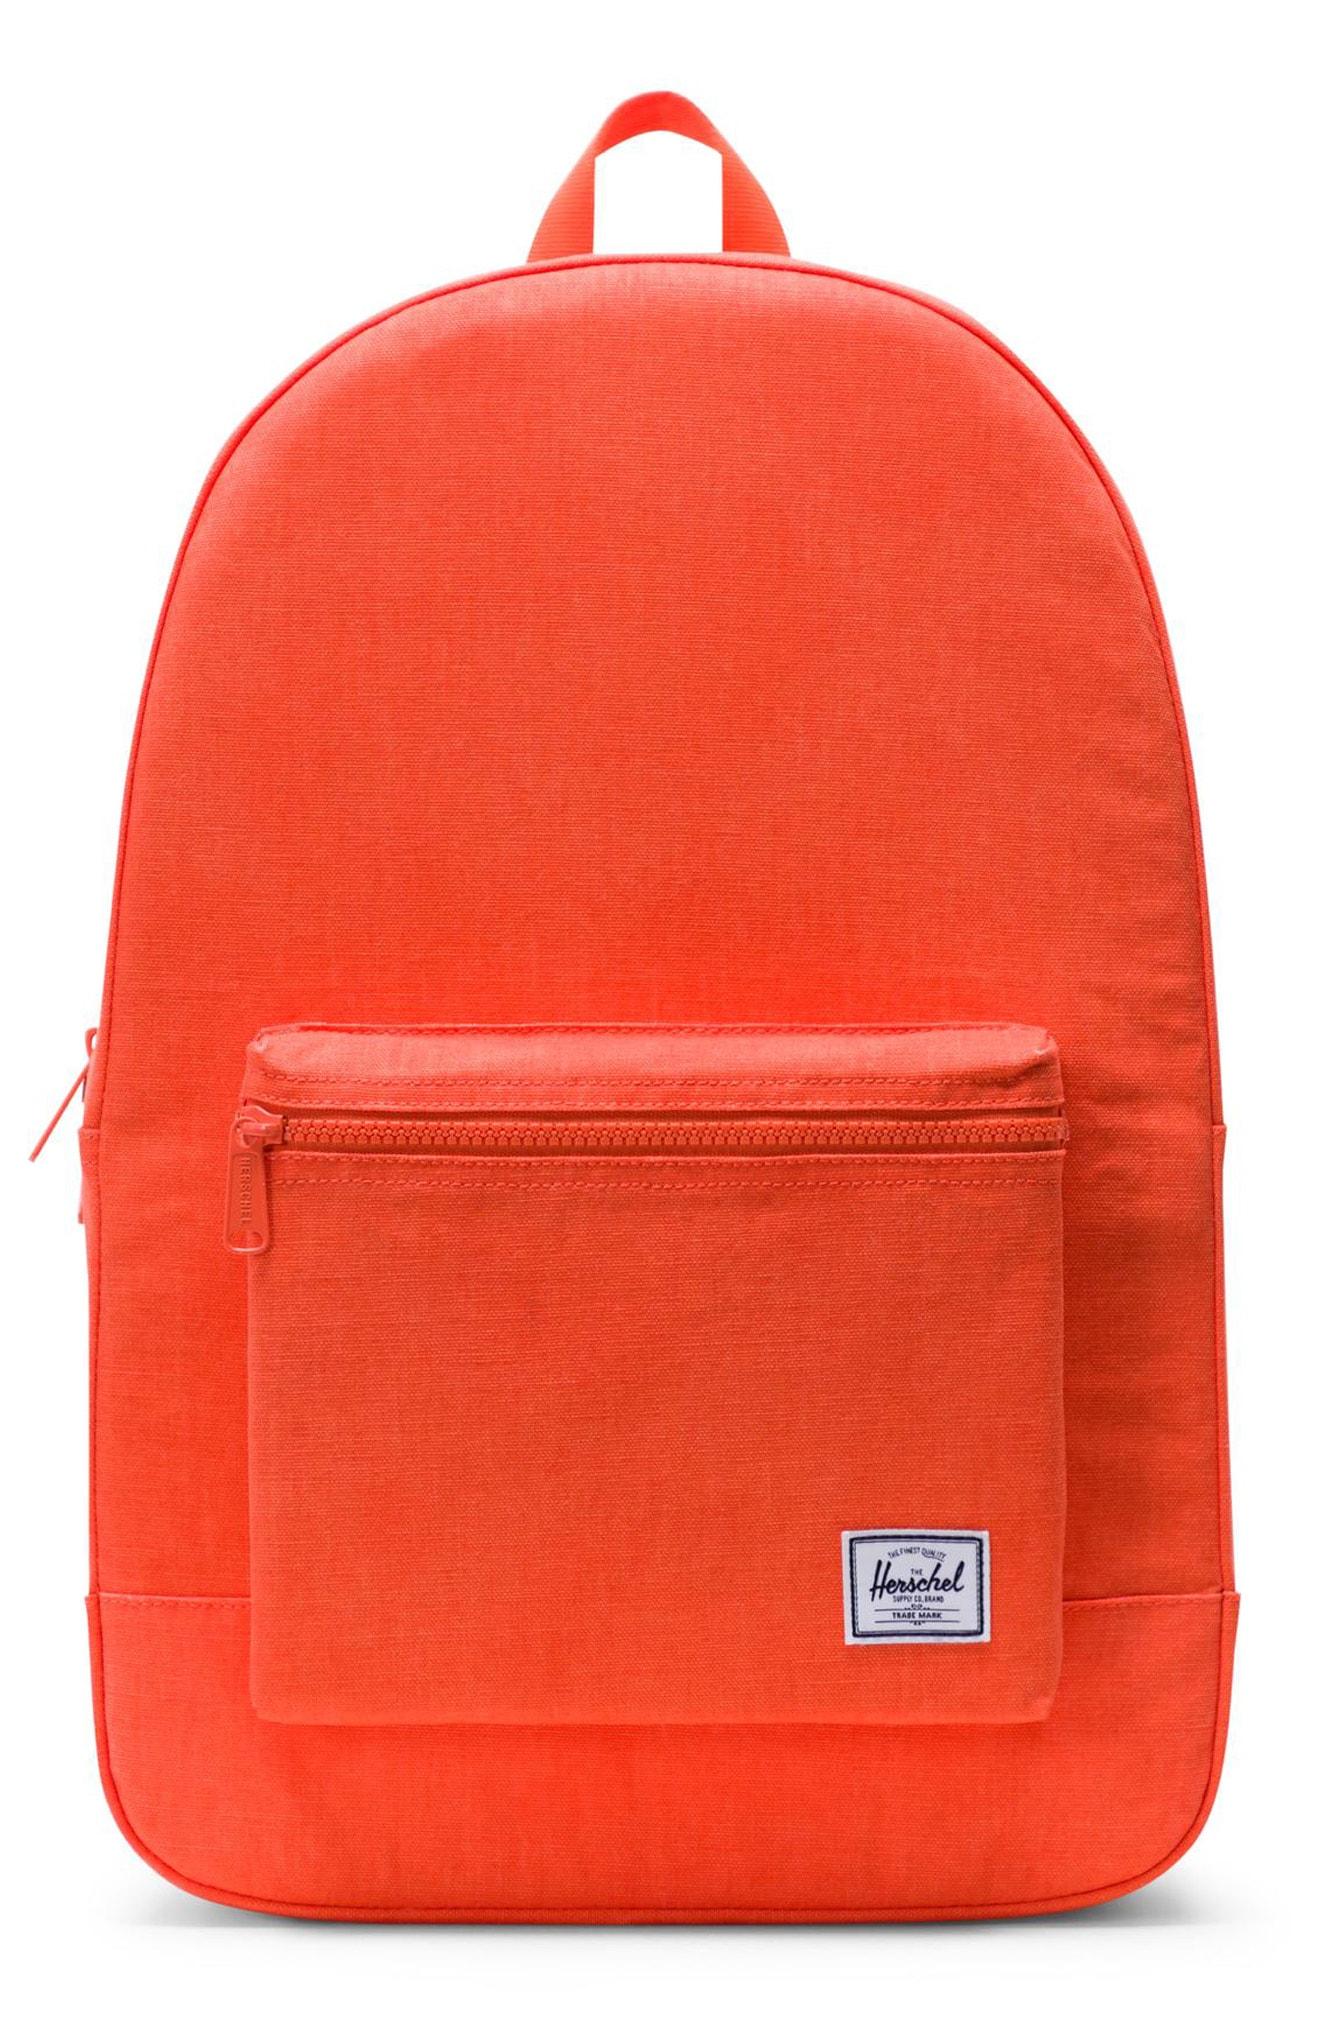 Herschel Supply Co. Cotton Canvas Daypack